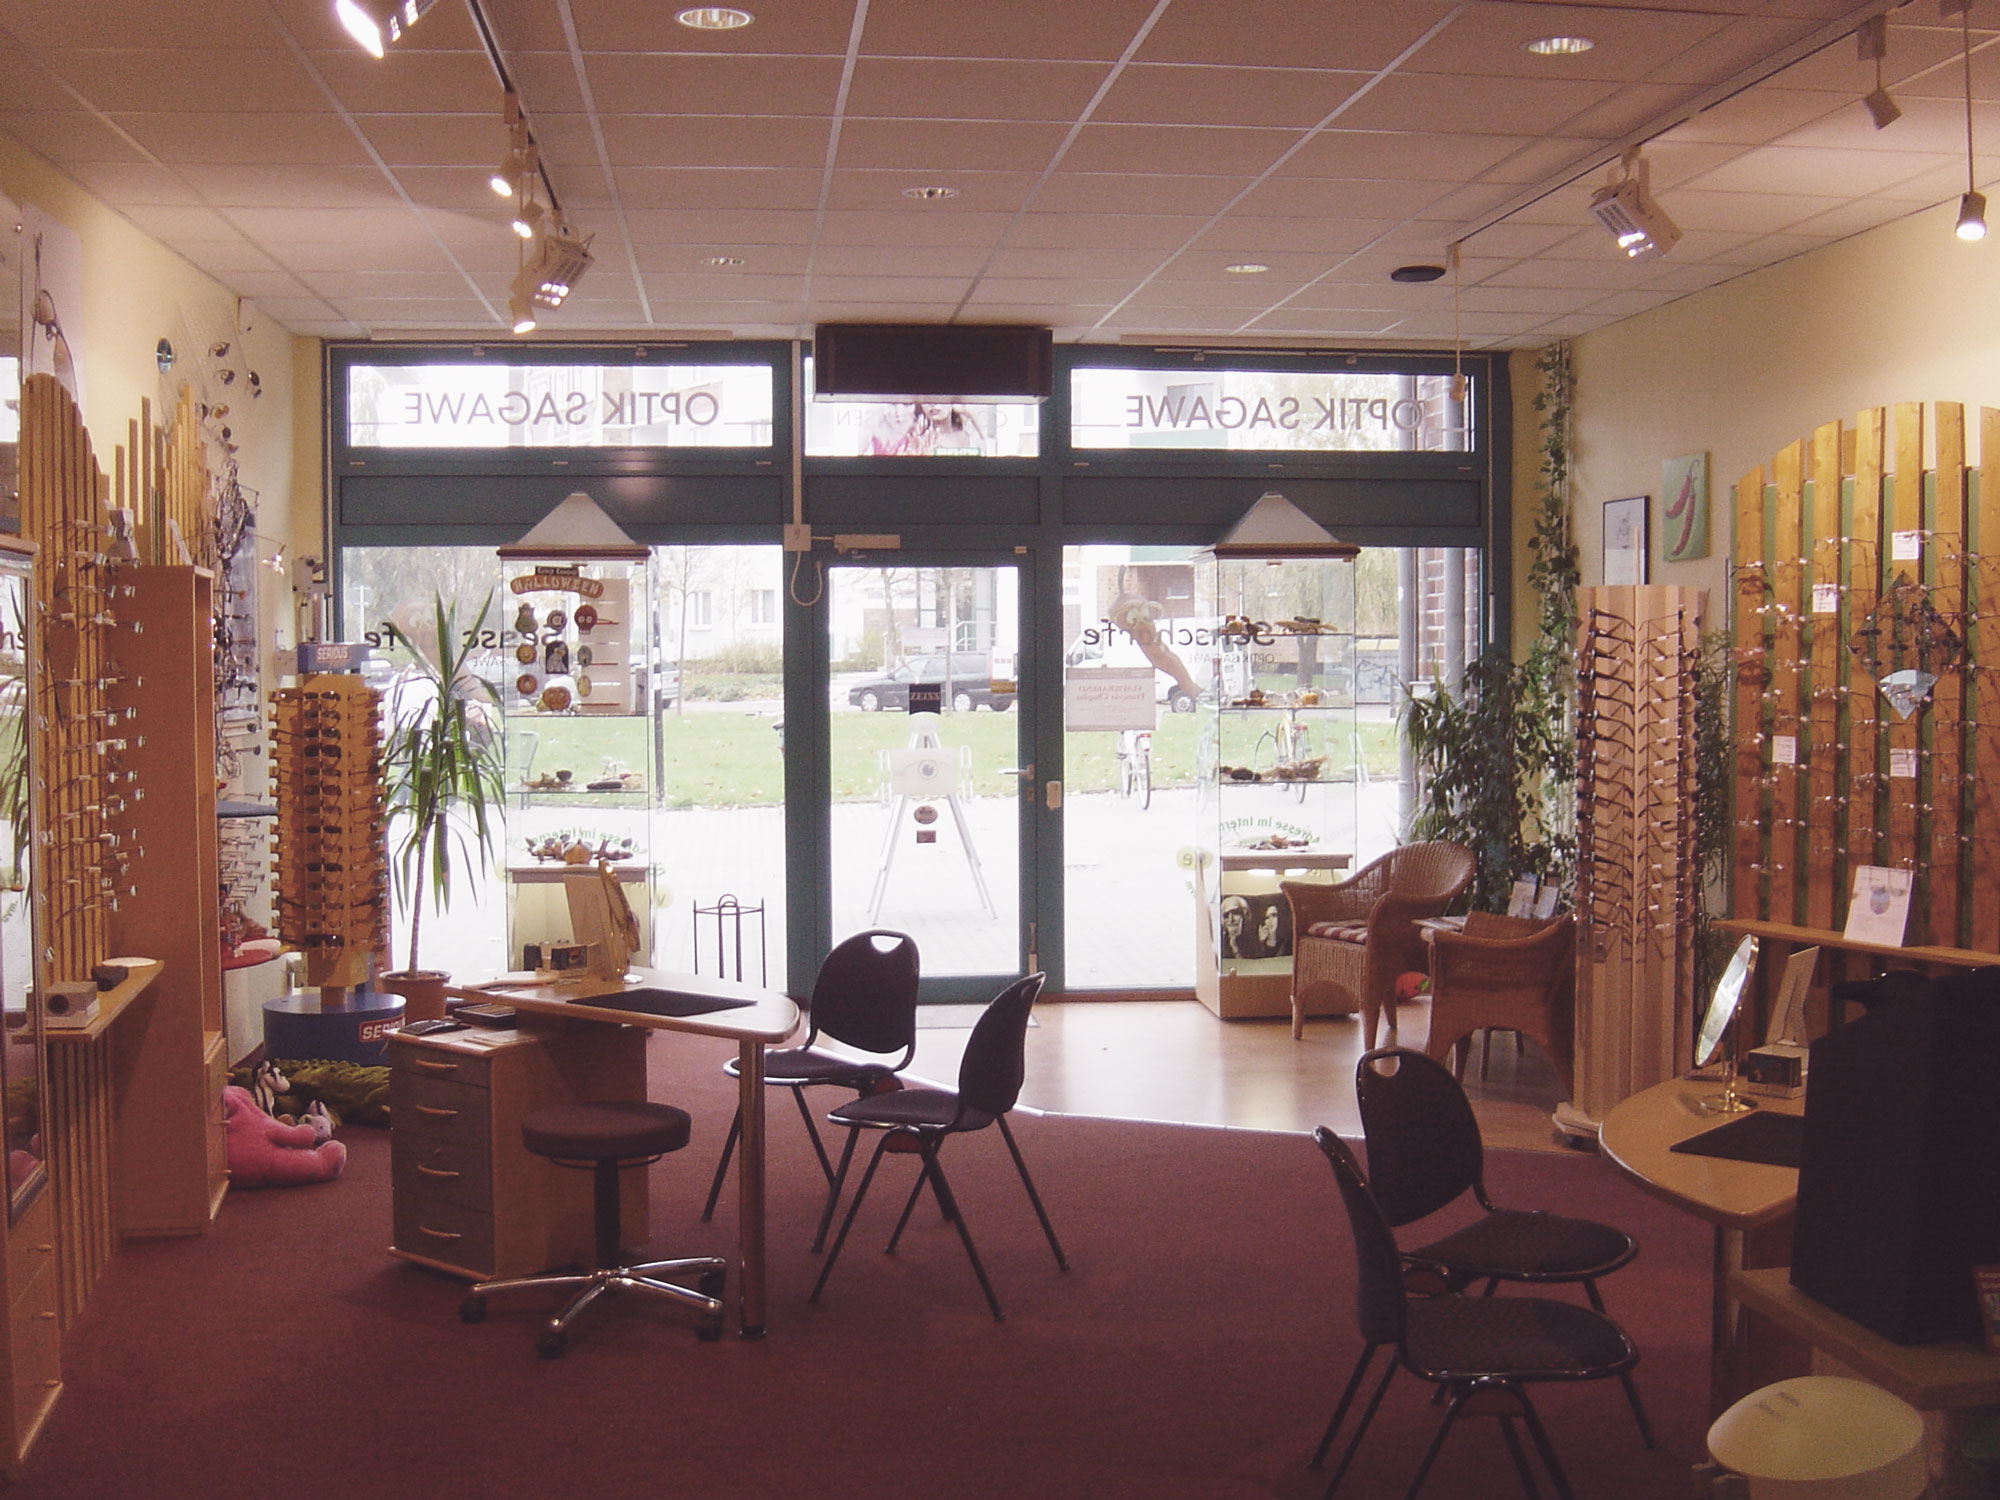 Optik Sagawe in Schmarl 2000 - Blick in den Laden und dem Eingangsbereich